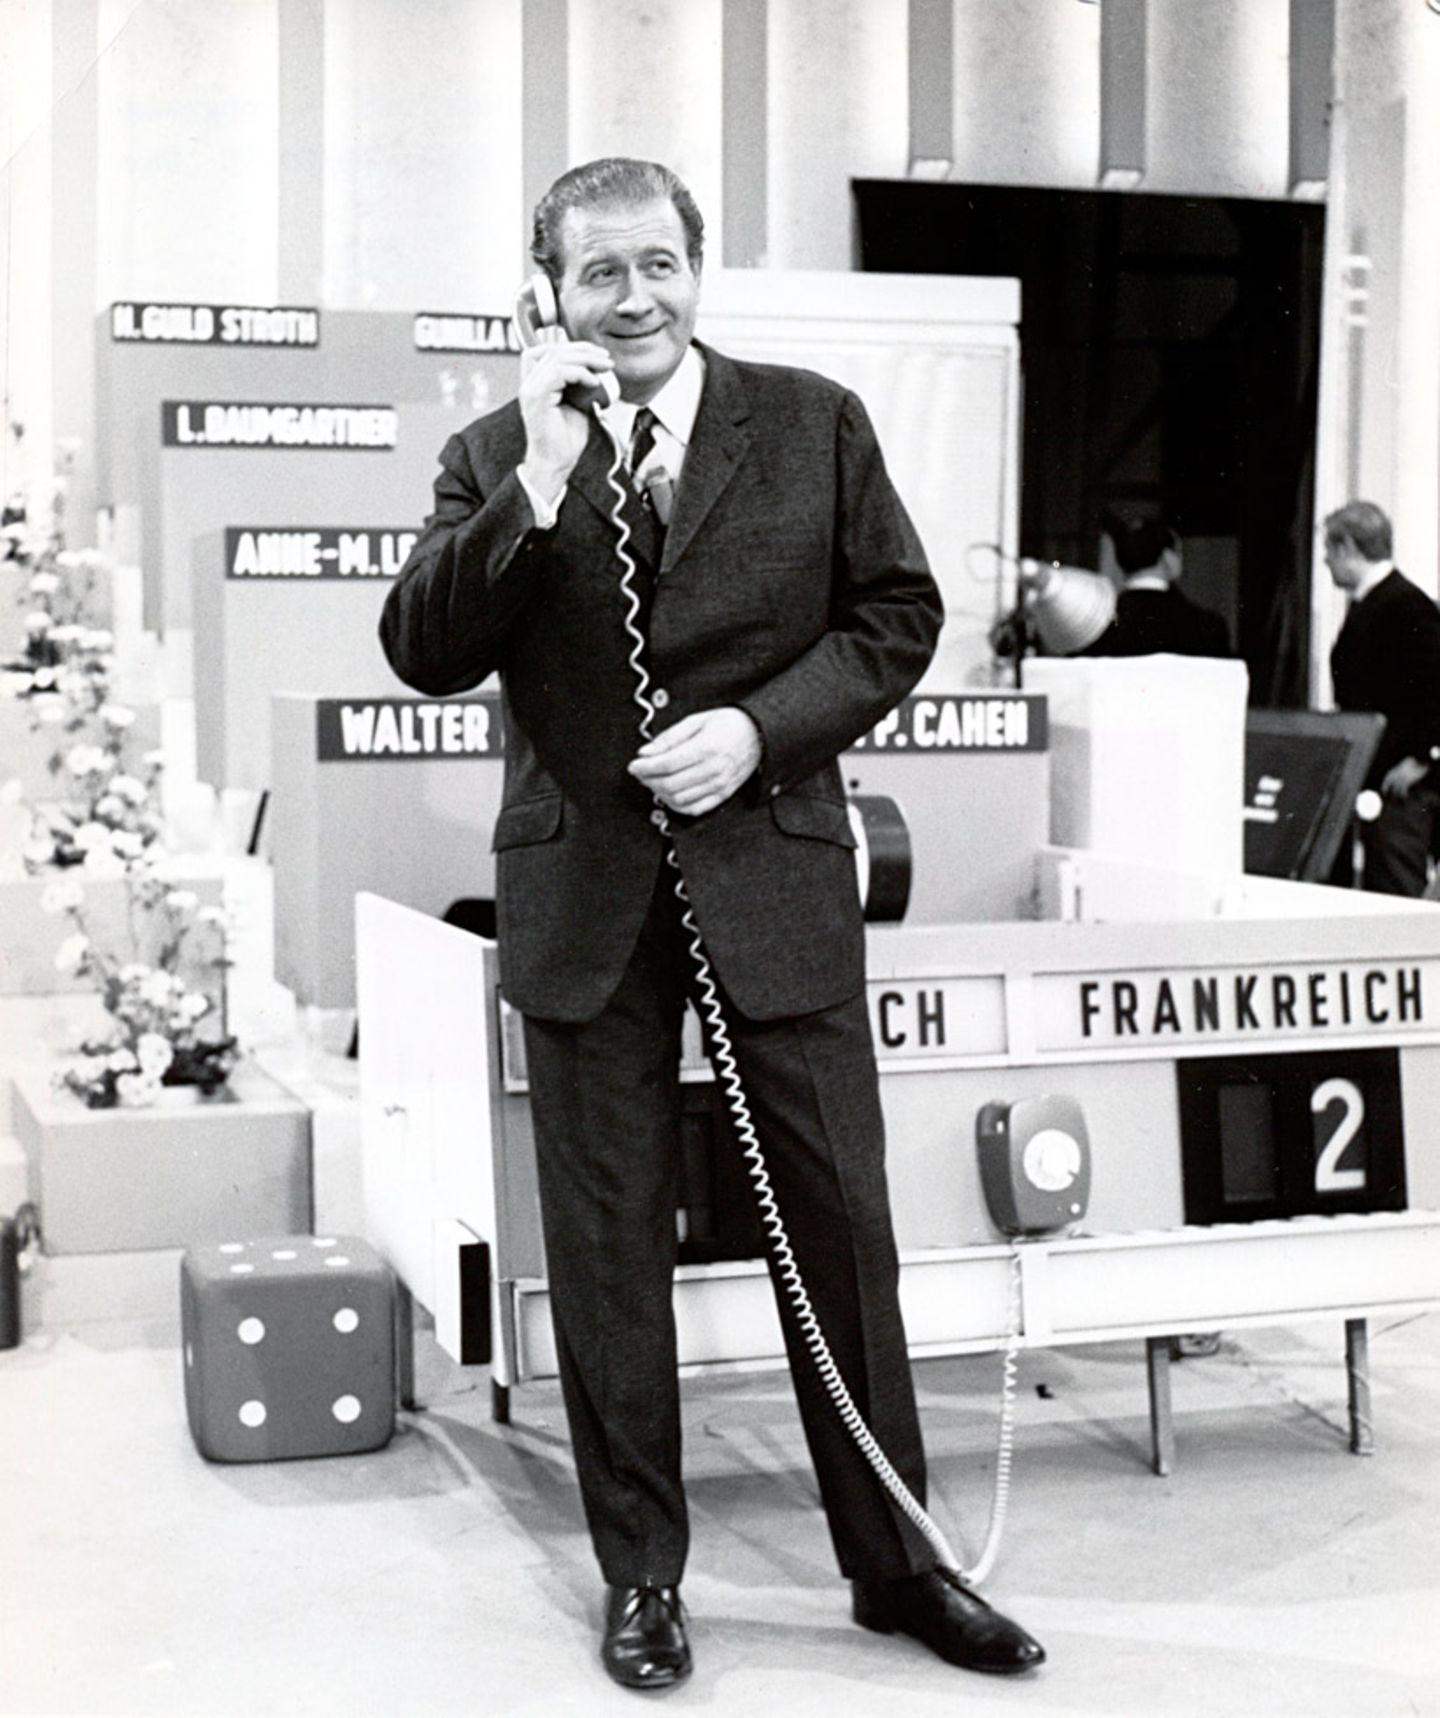 """Hans-Joachim Kulenkampff war der eloquenteste und weltläufigste Moderator, den das deutsche Fernsehen je hatte. 23 Jahre lang, von 1964 bis 1987, moderierte der Charmeur die Samstagabendshow """"Einer wird gewinnen"""". Eine Sendung, die den europäischen Gedanken in die deutschen Wohnzimmer trug: Die Kandidaten kamen aus acht verschiedenen Ländern. Neuauflagen mit Jörg Kachelmann (1998) und Jörg Pilawa (2014) unterstrichen nur, wie sehr wir Kulenkampff vermissen."""